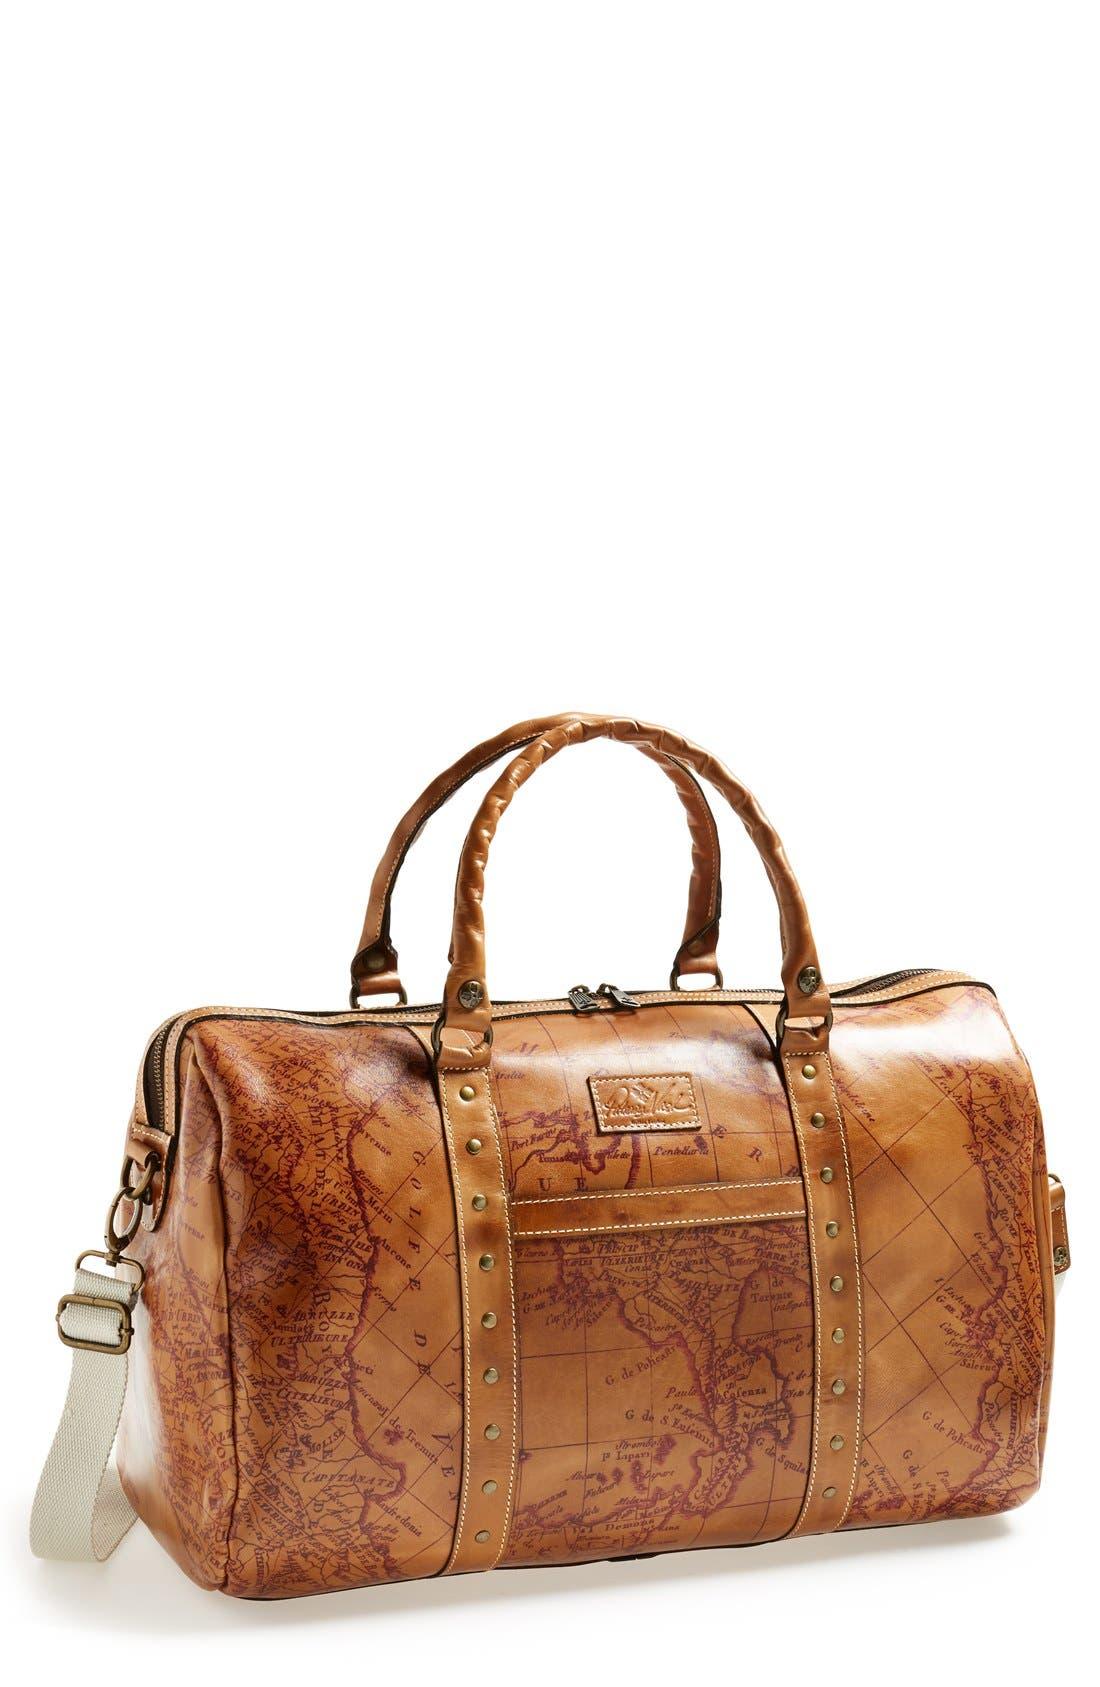 Main Image - Patricia Nash 'Milano' Weekend Bag